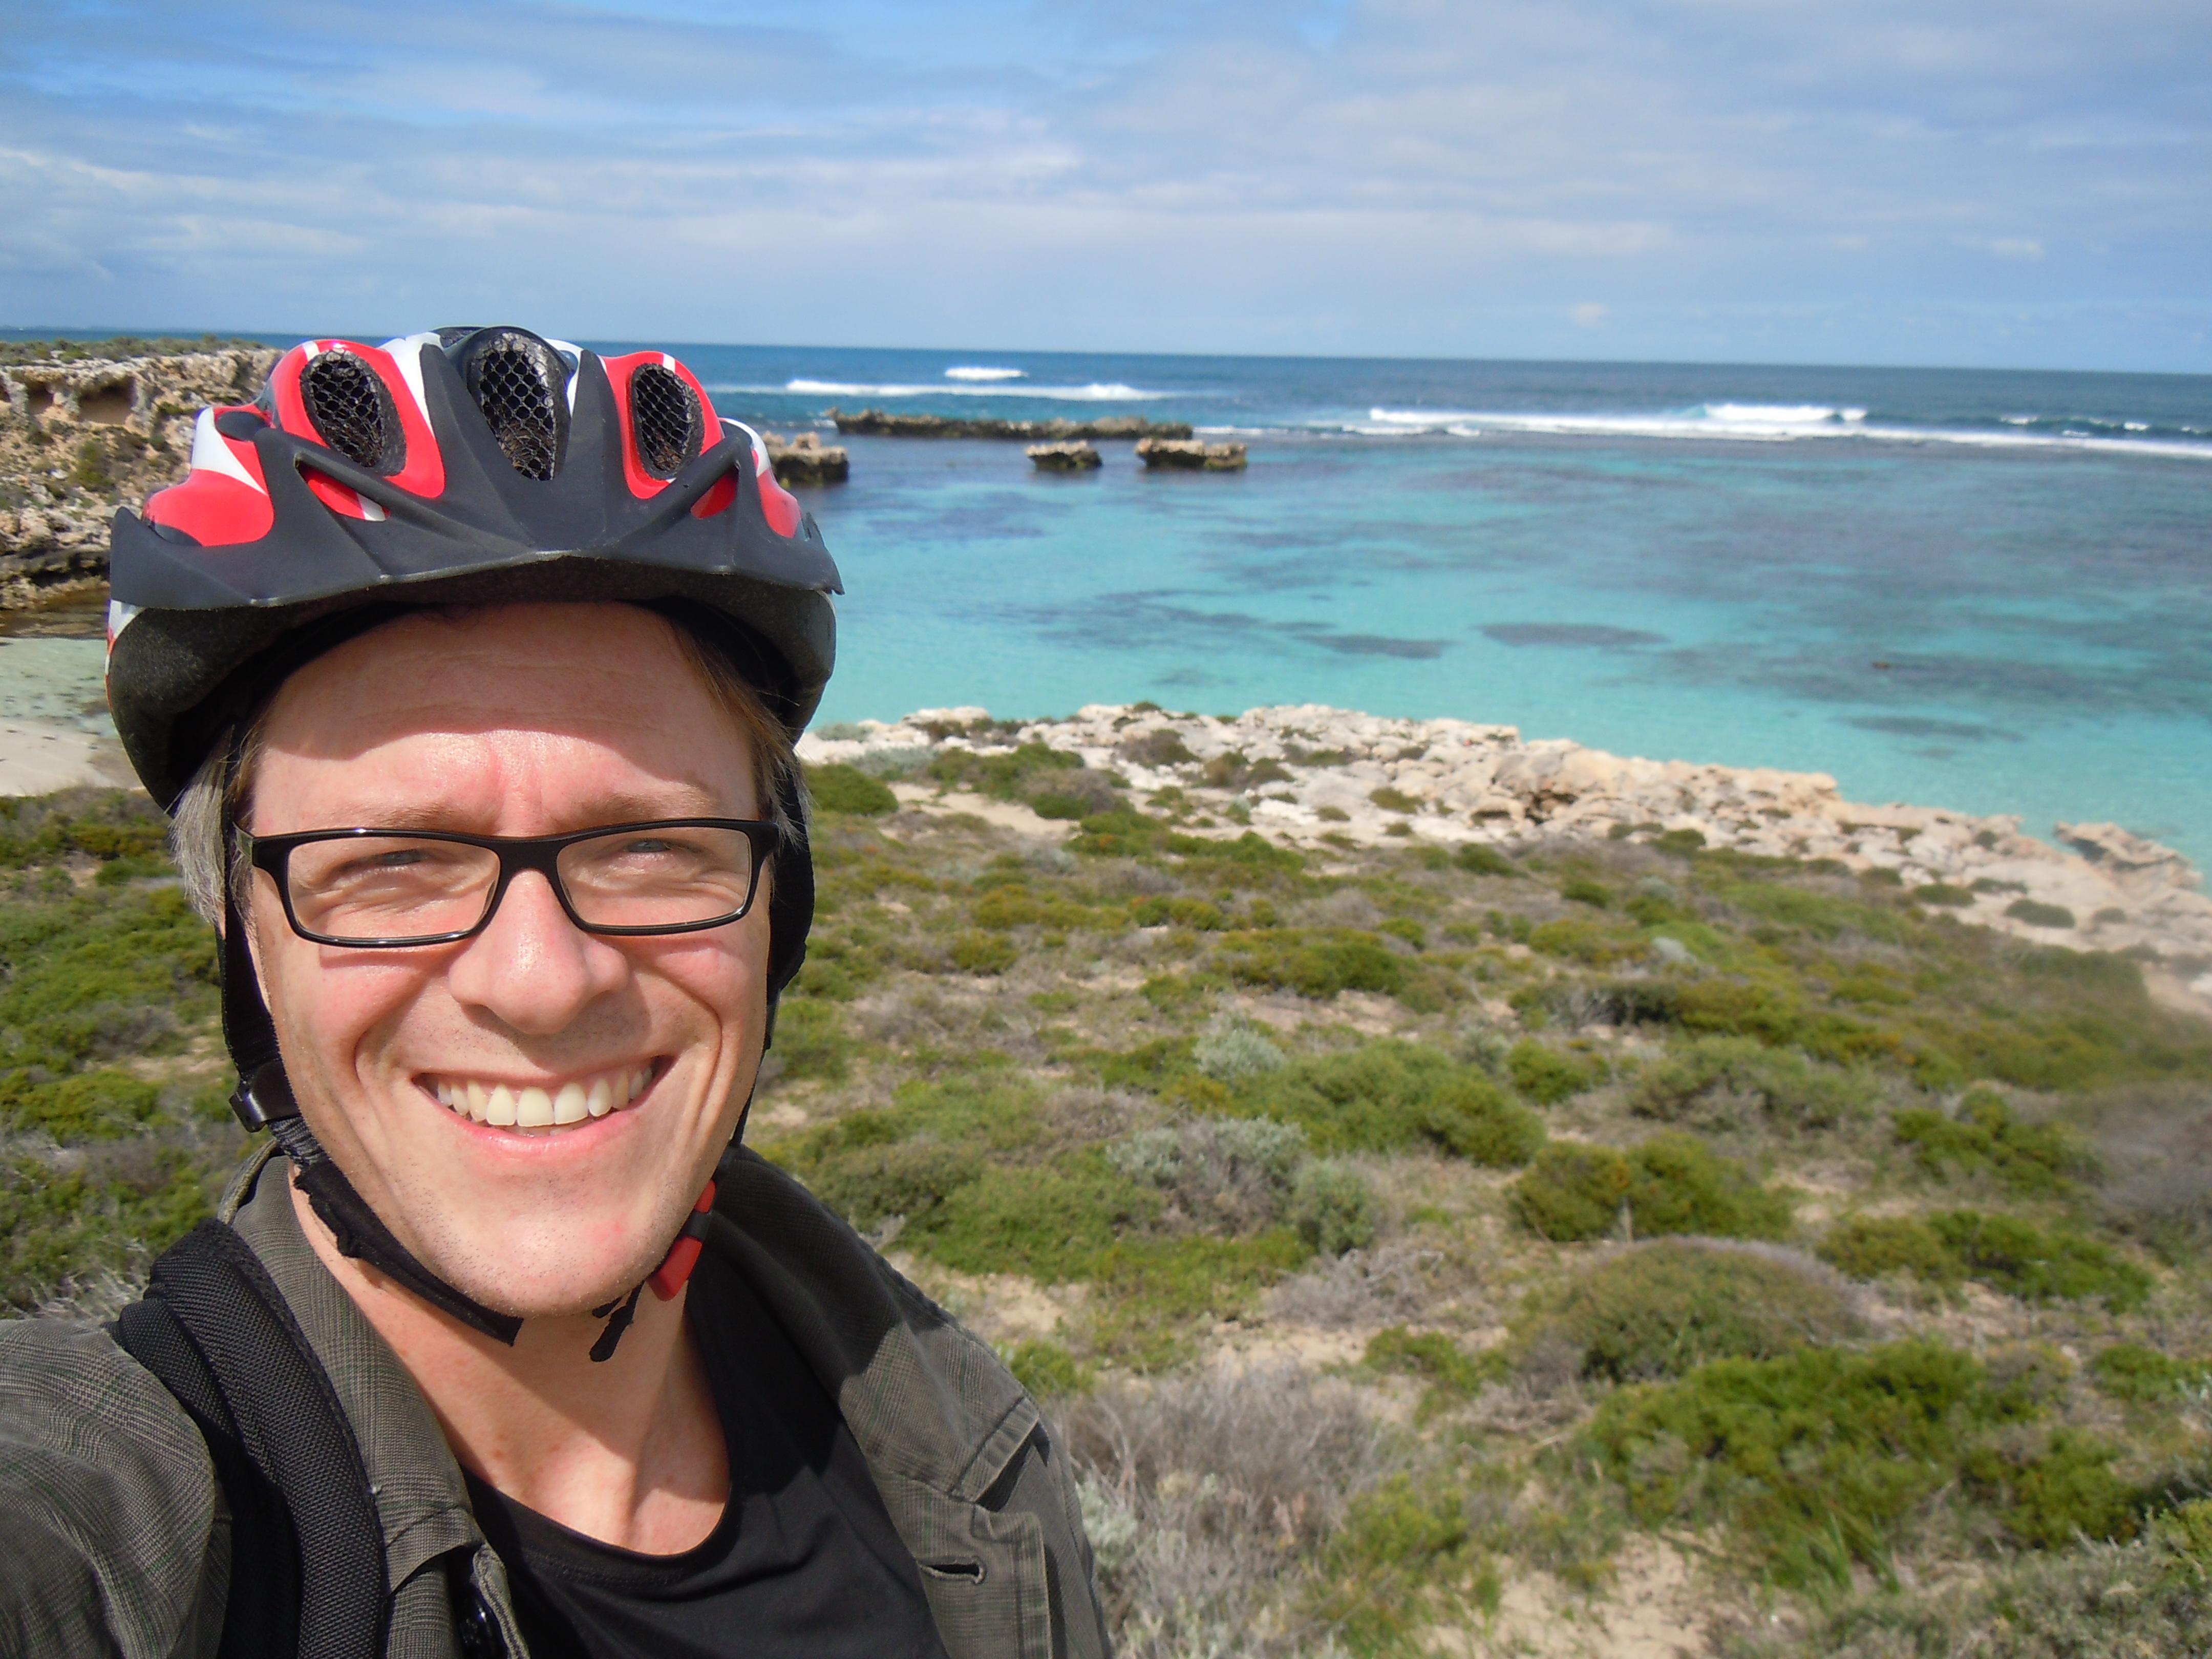 In Rottnest Island near Perth